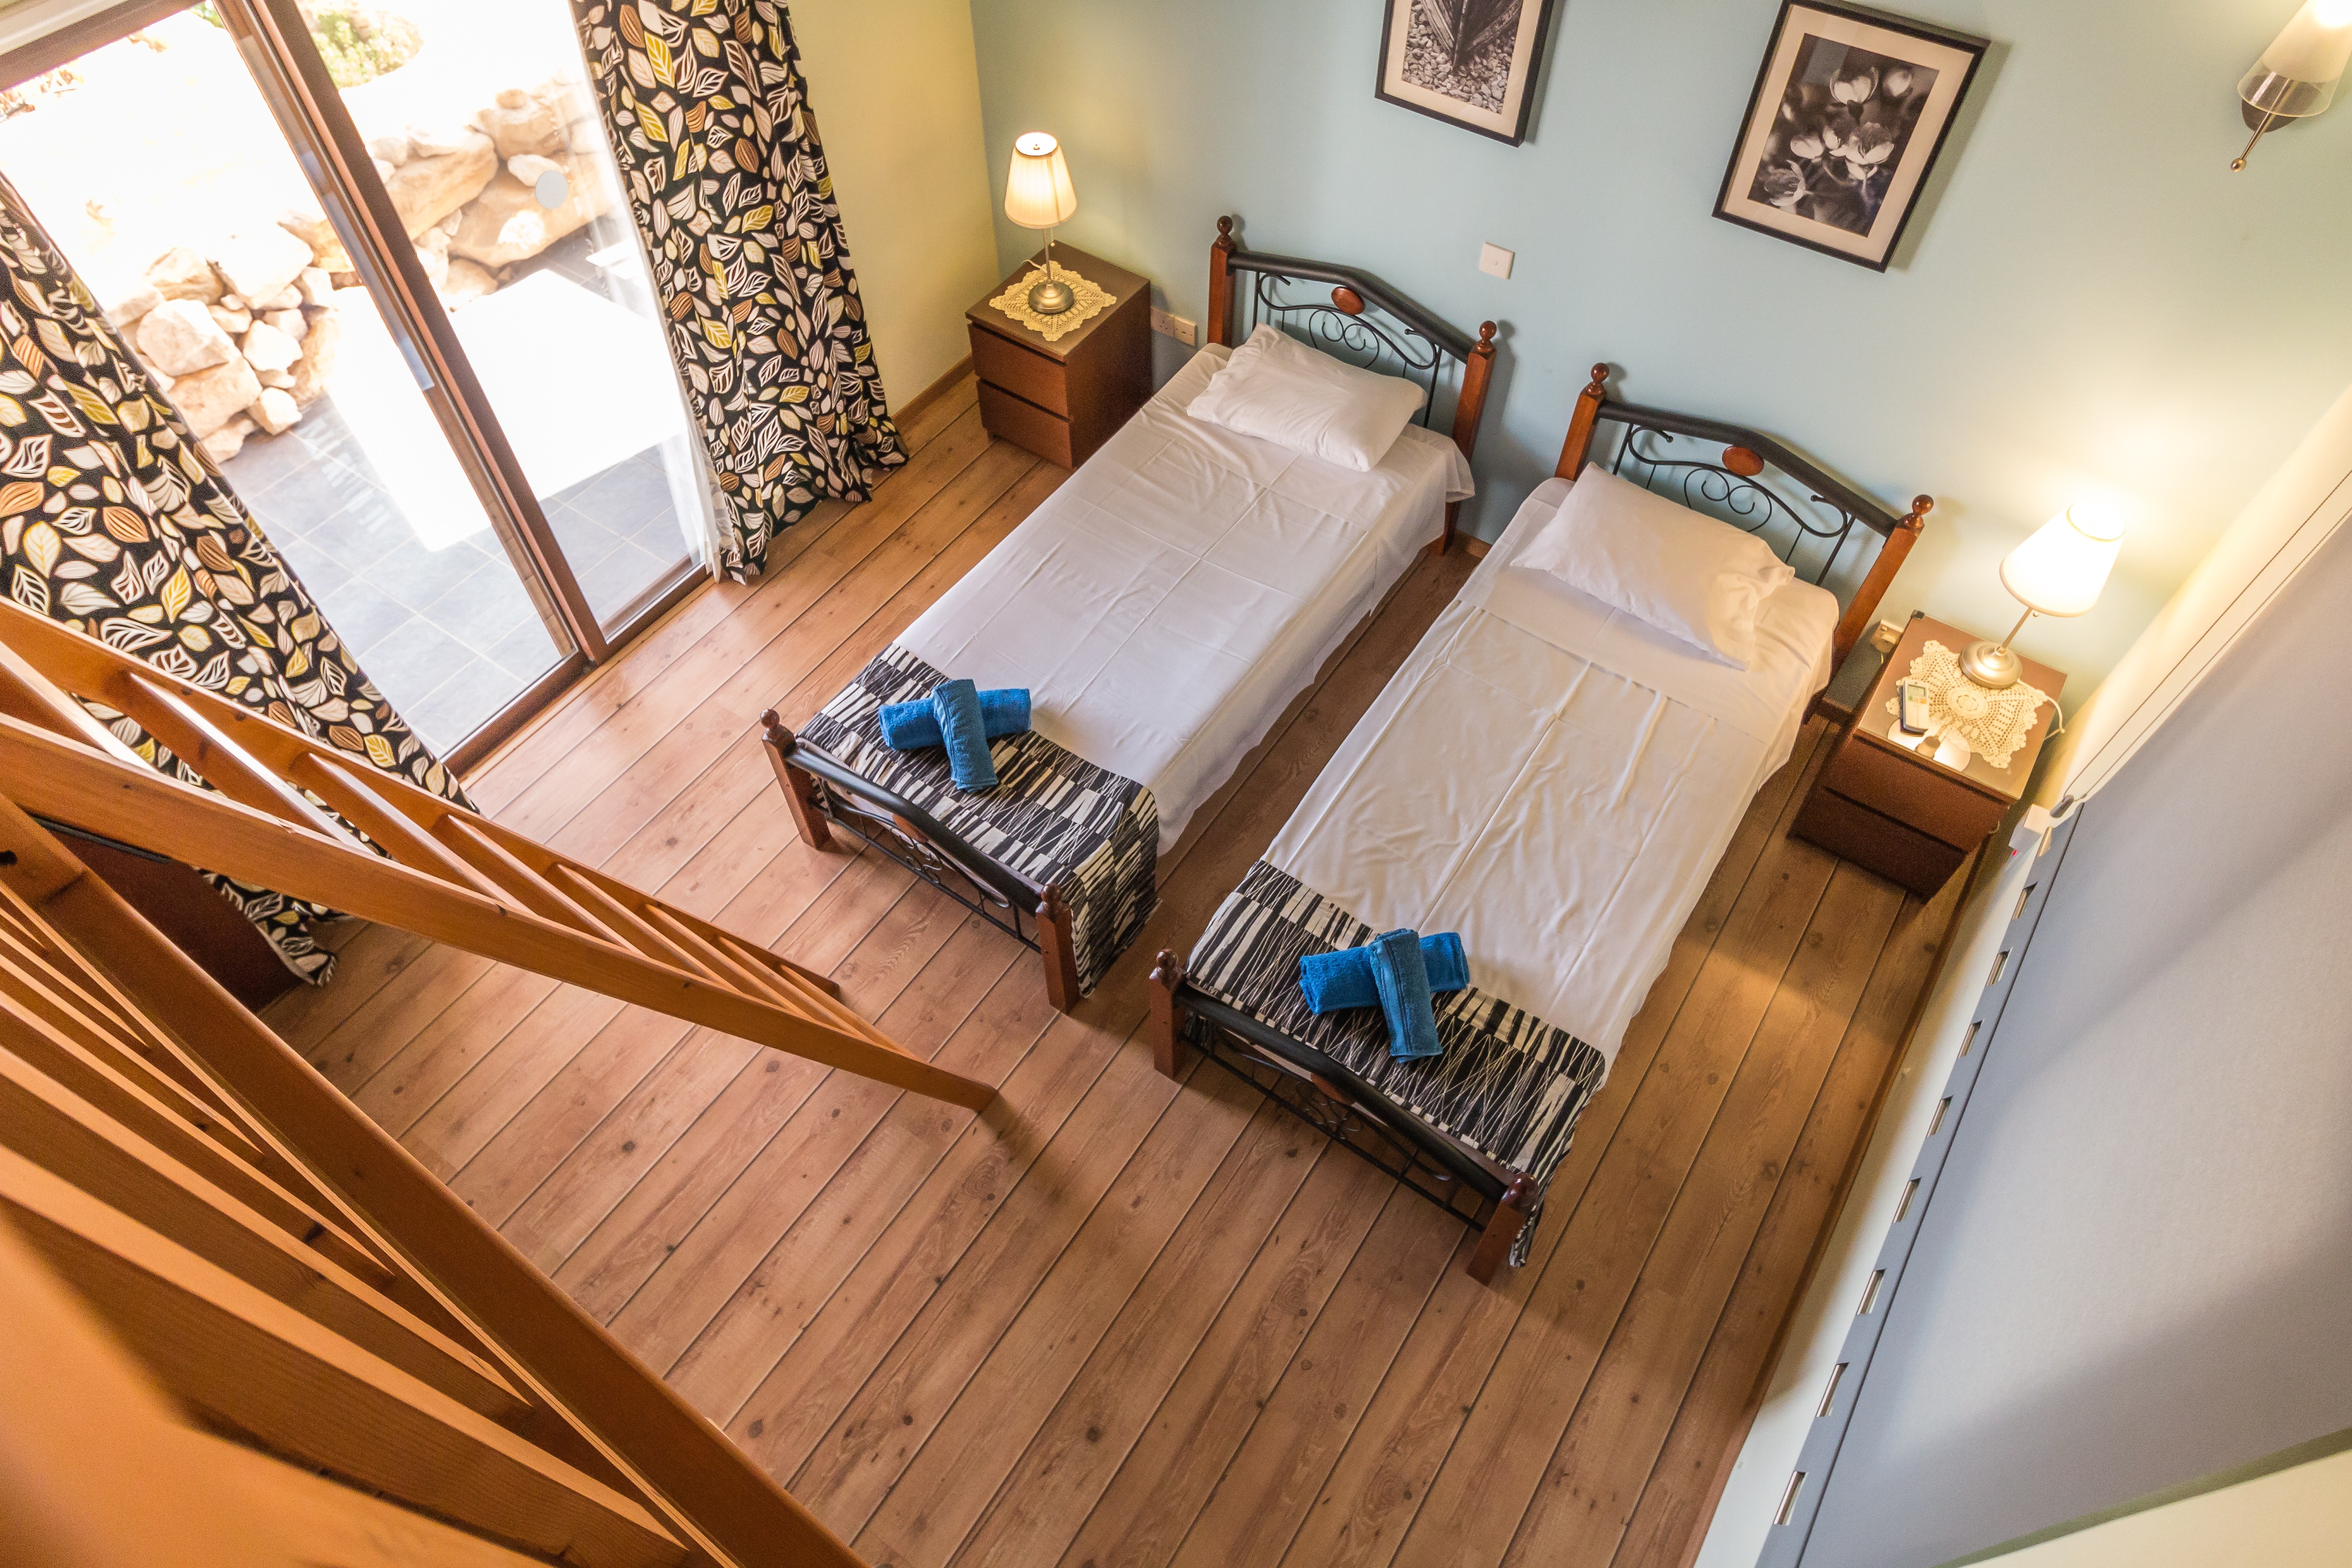 bedroom-beds-interior-design-260553